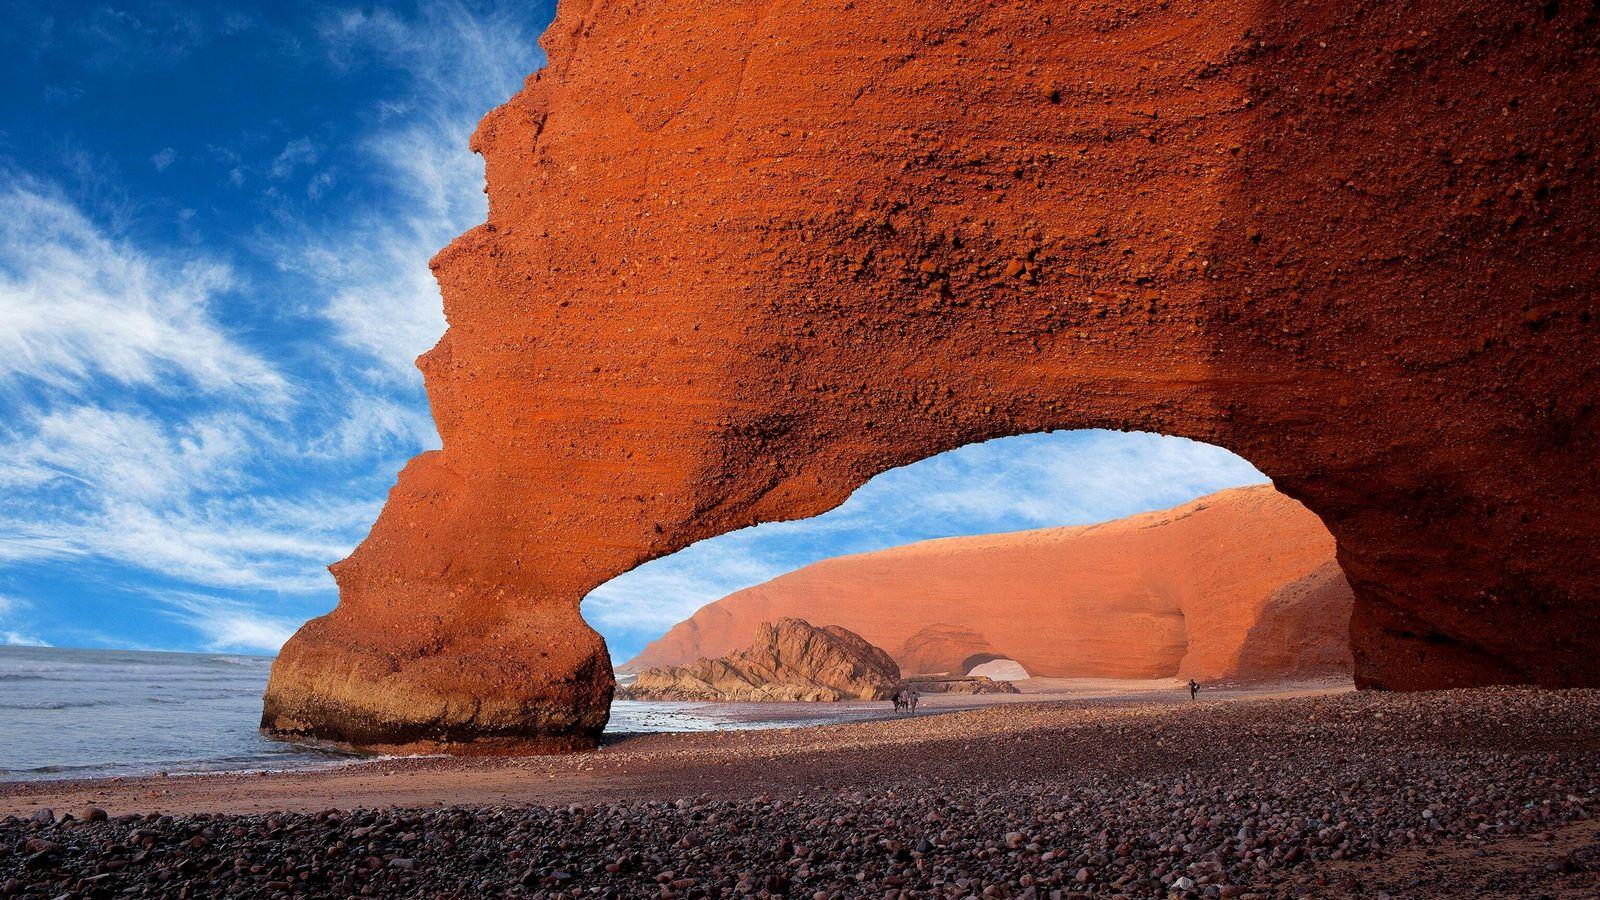 Legzira Beach in Morocco, Africa